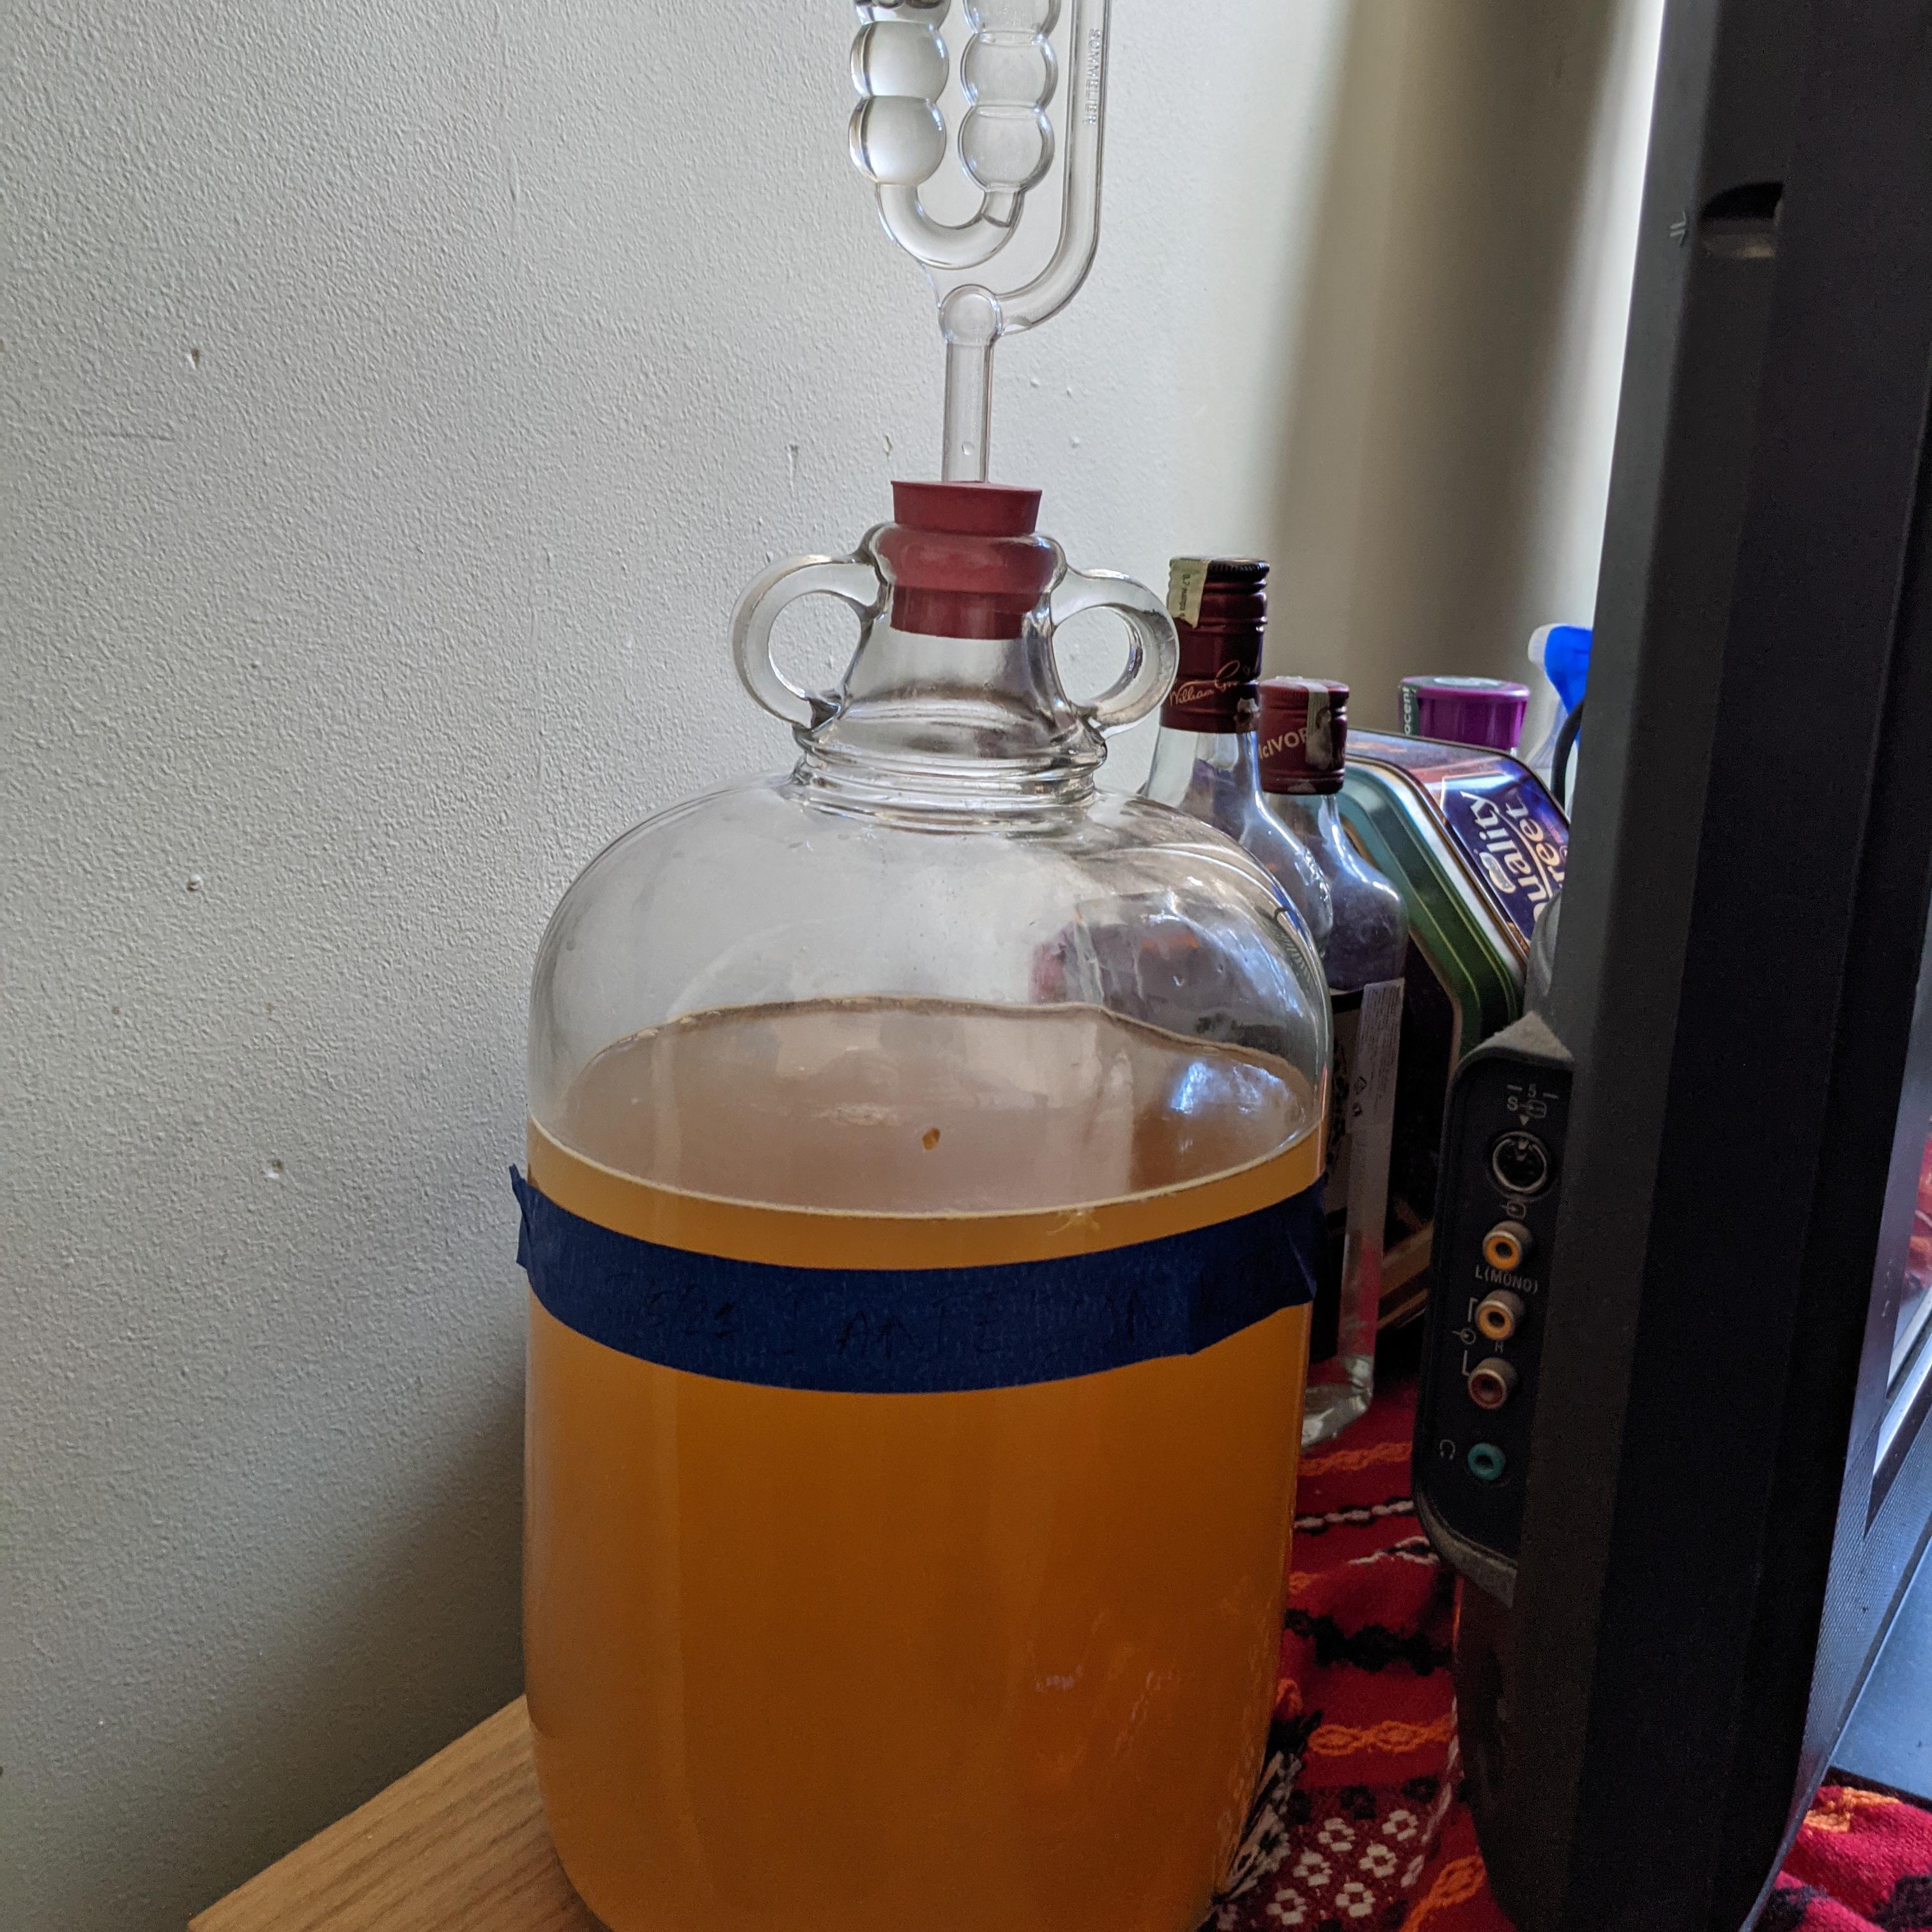 Demijohn of wine left to ferment